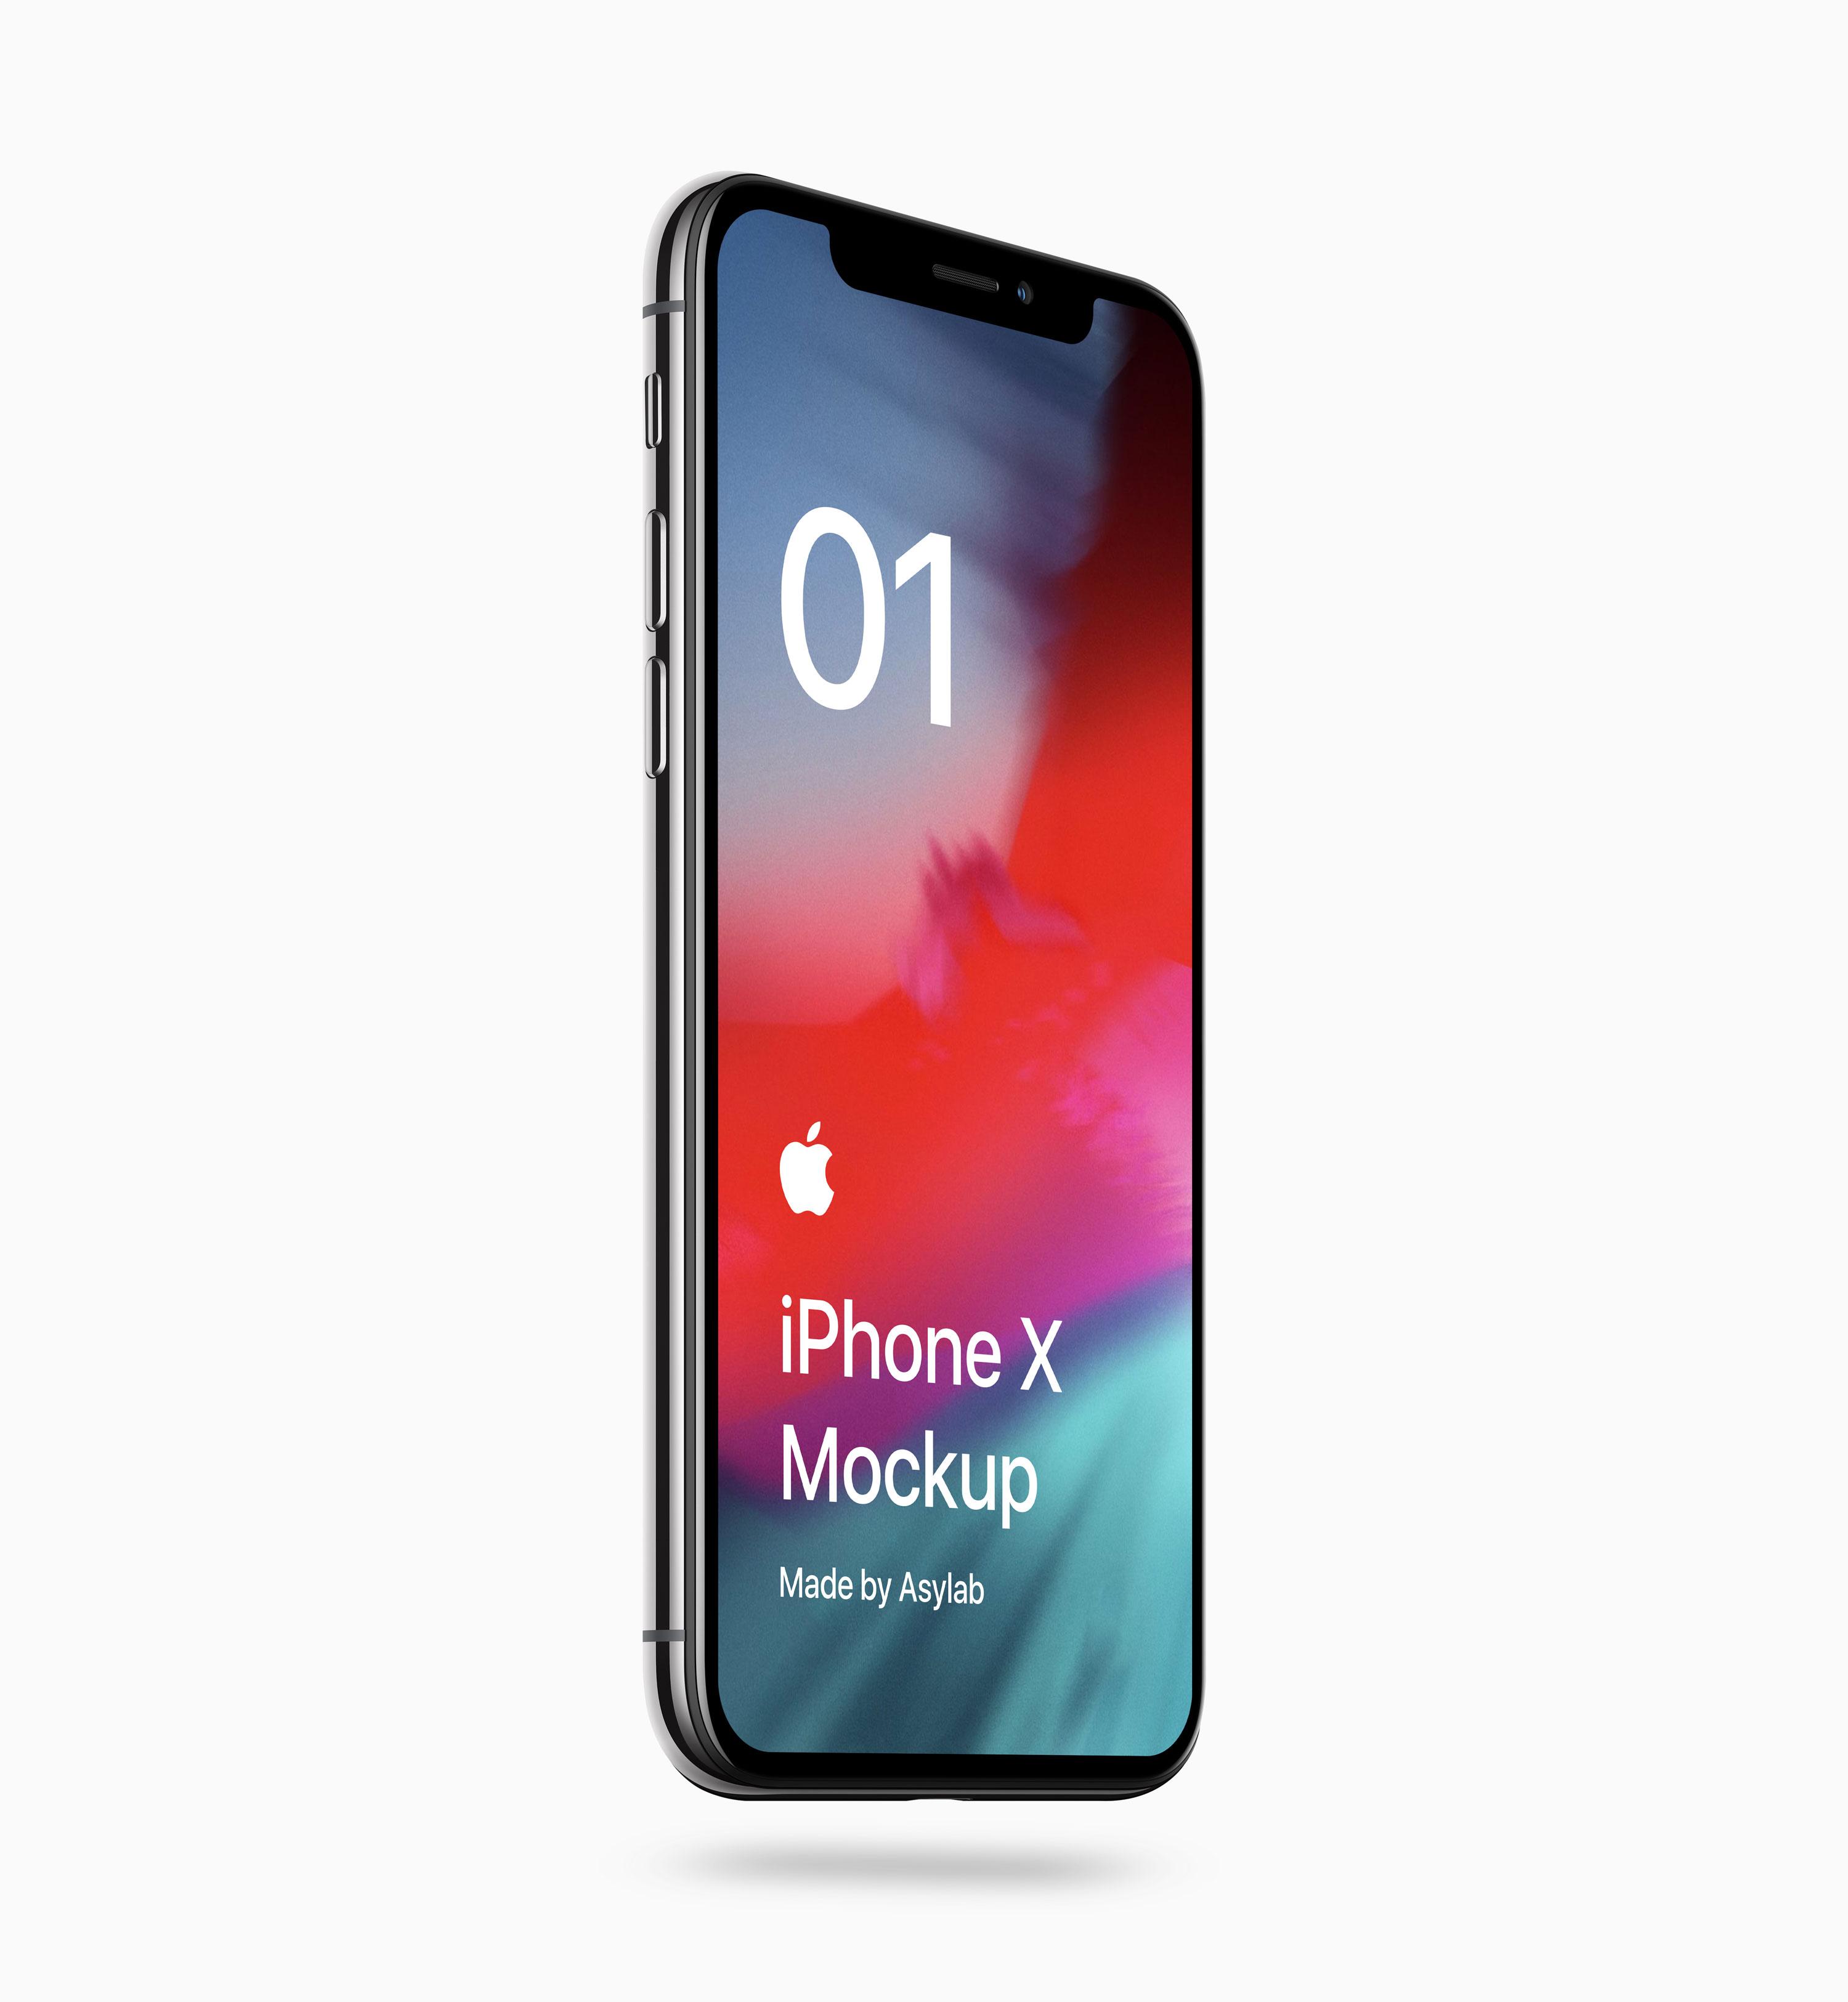 1a4c68c43cb5e16 - 苹果iPhoneX UI样机